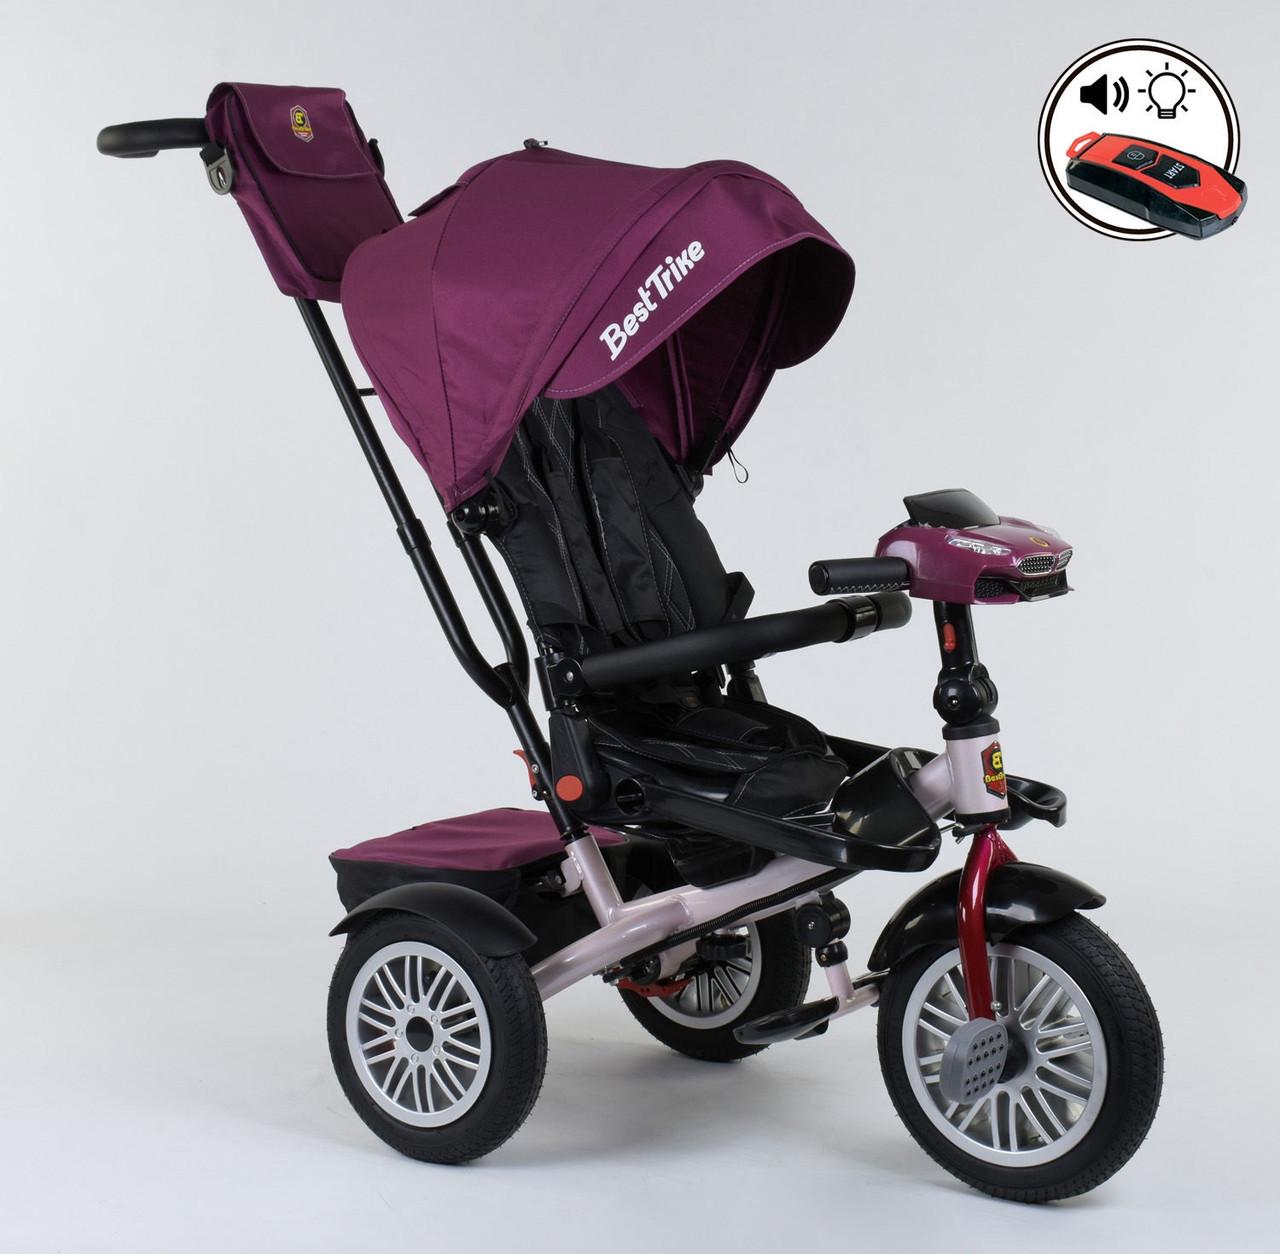 Трехколесный велосипед с ручкой козырьком фарой поворотное сиденье надувные колеса Best Trike 9288 В - 6945